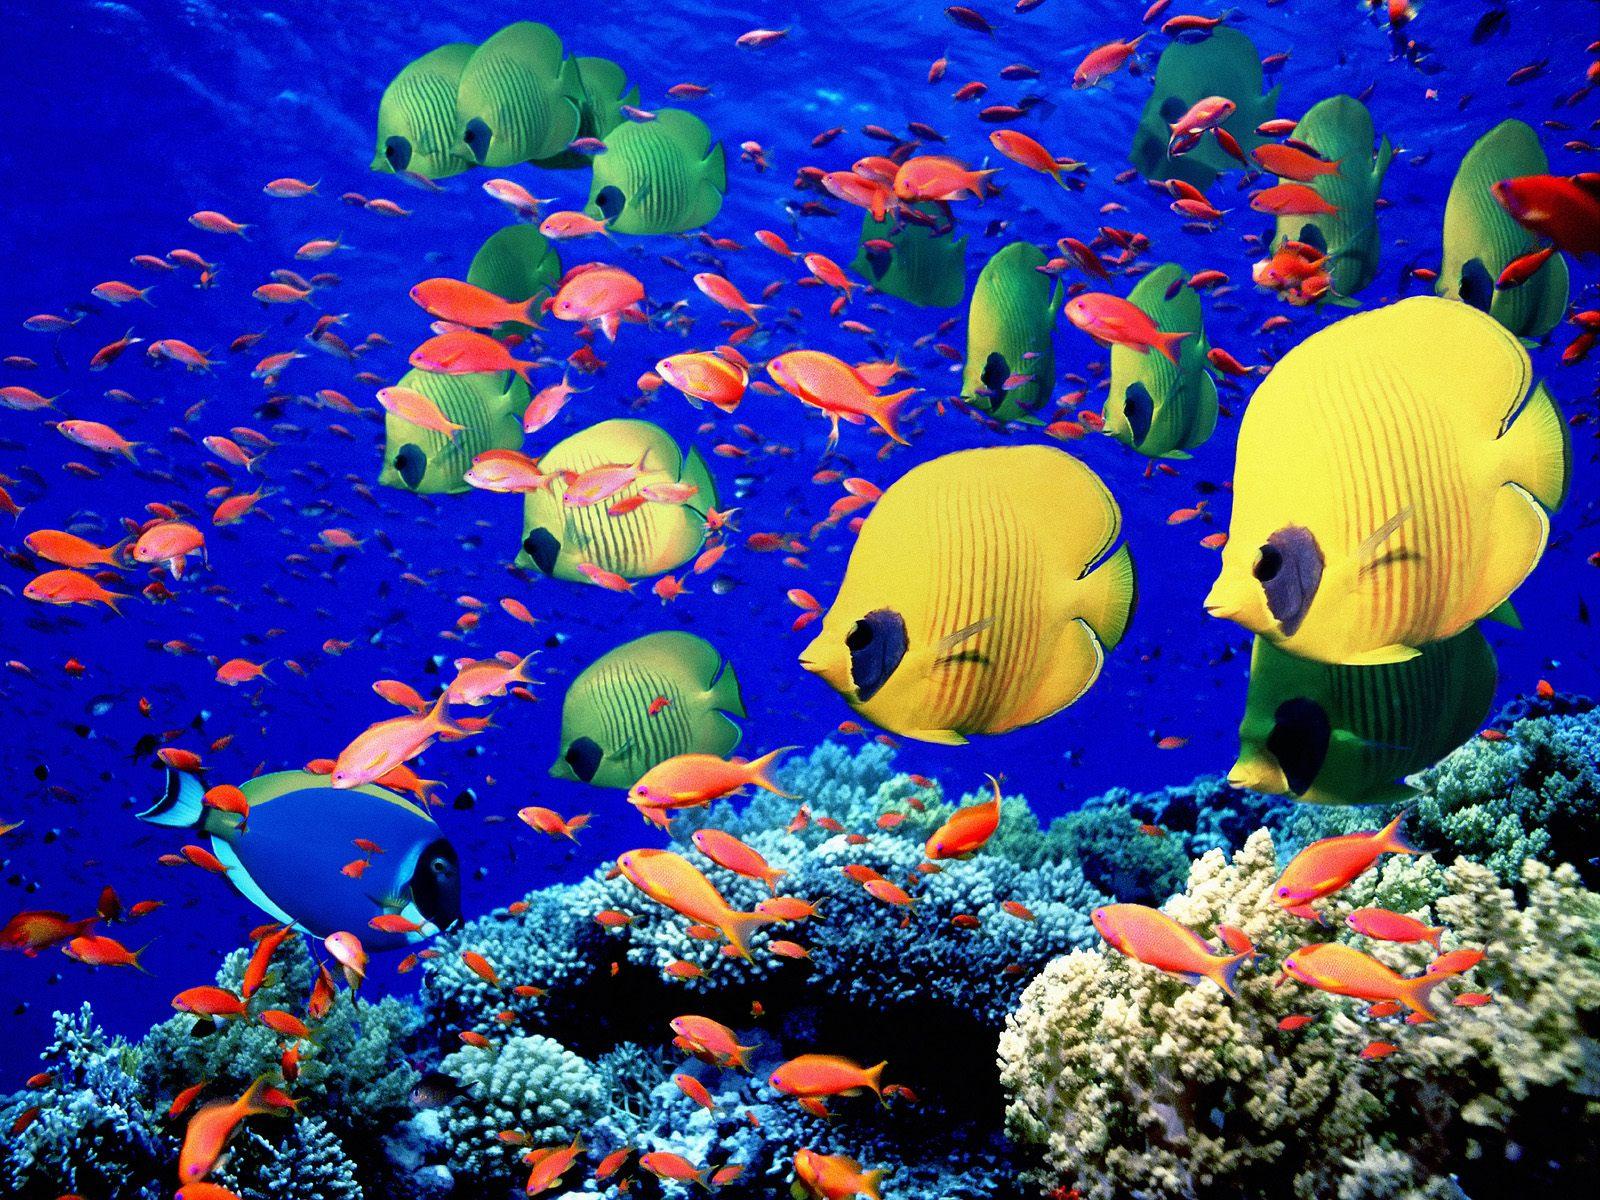 верх охлажденного картинки подводный мир океана руки очень